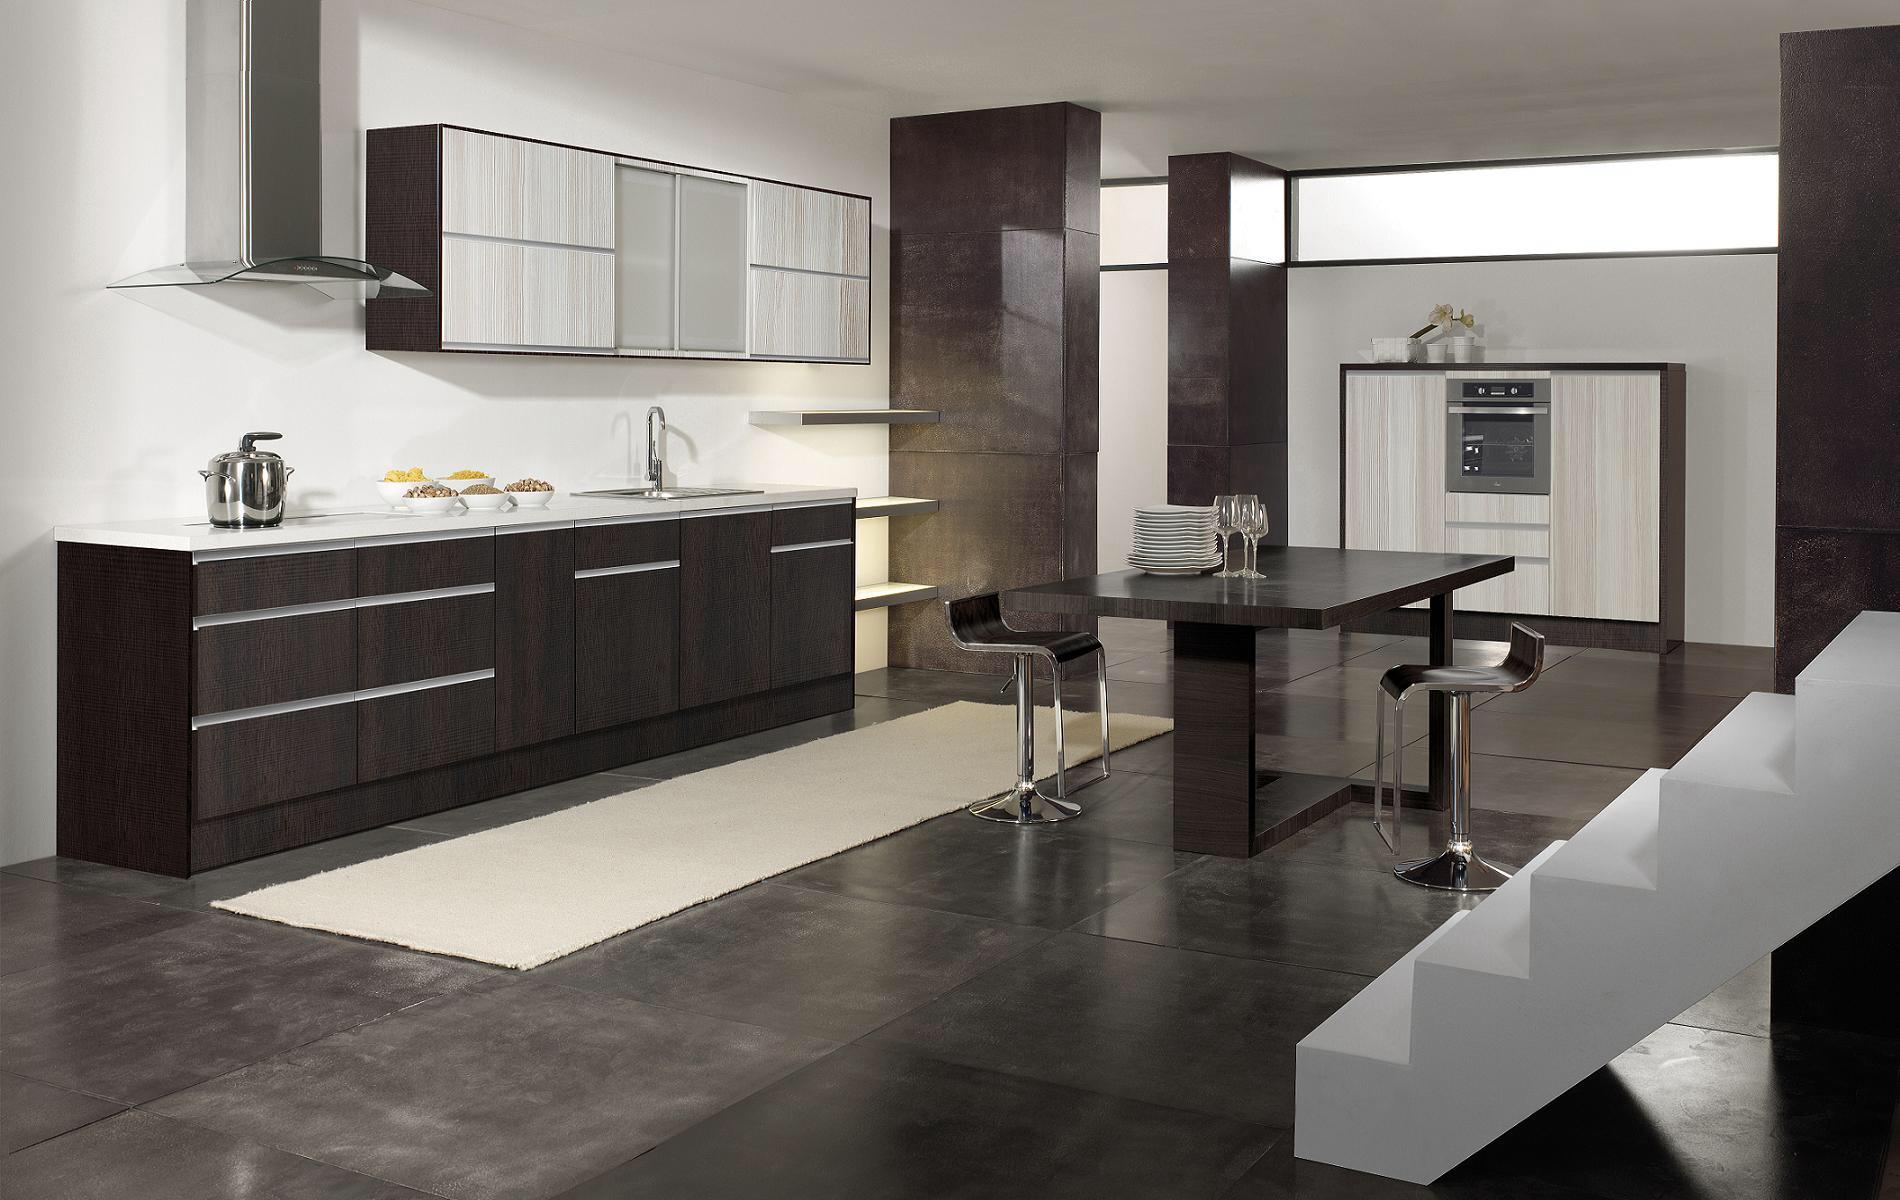 Muebles oficina almeria 20170825211845 for Almacen para cocina